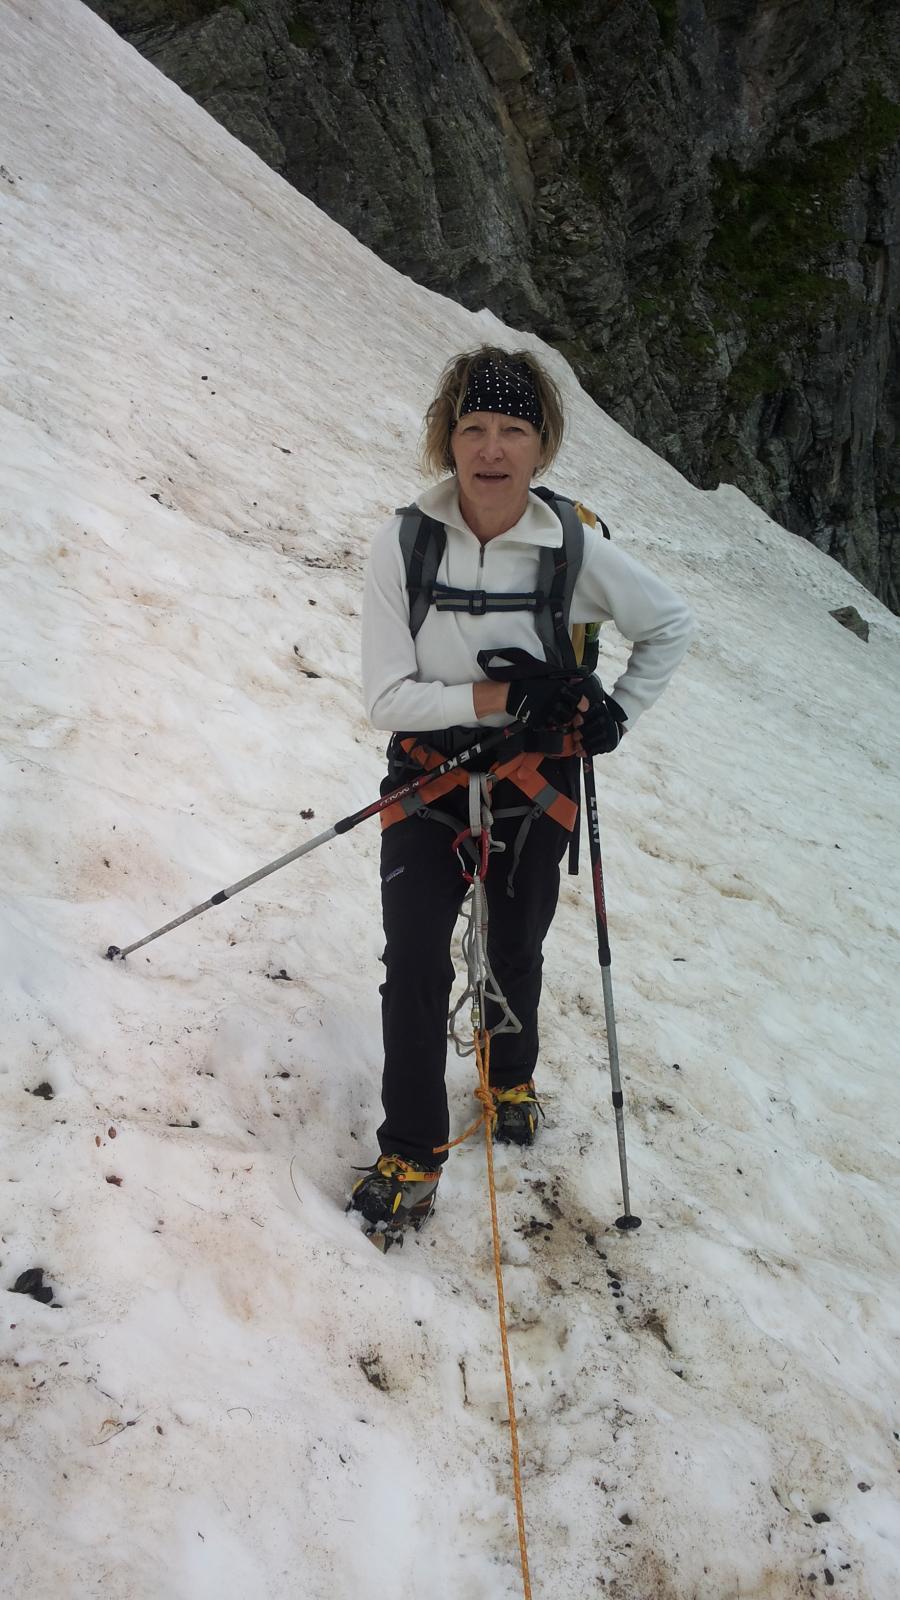 Germana affronta il ripido nevaio.... in sicurezza....